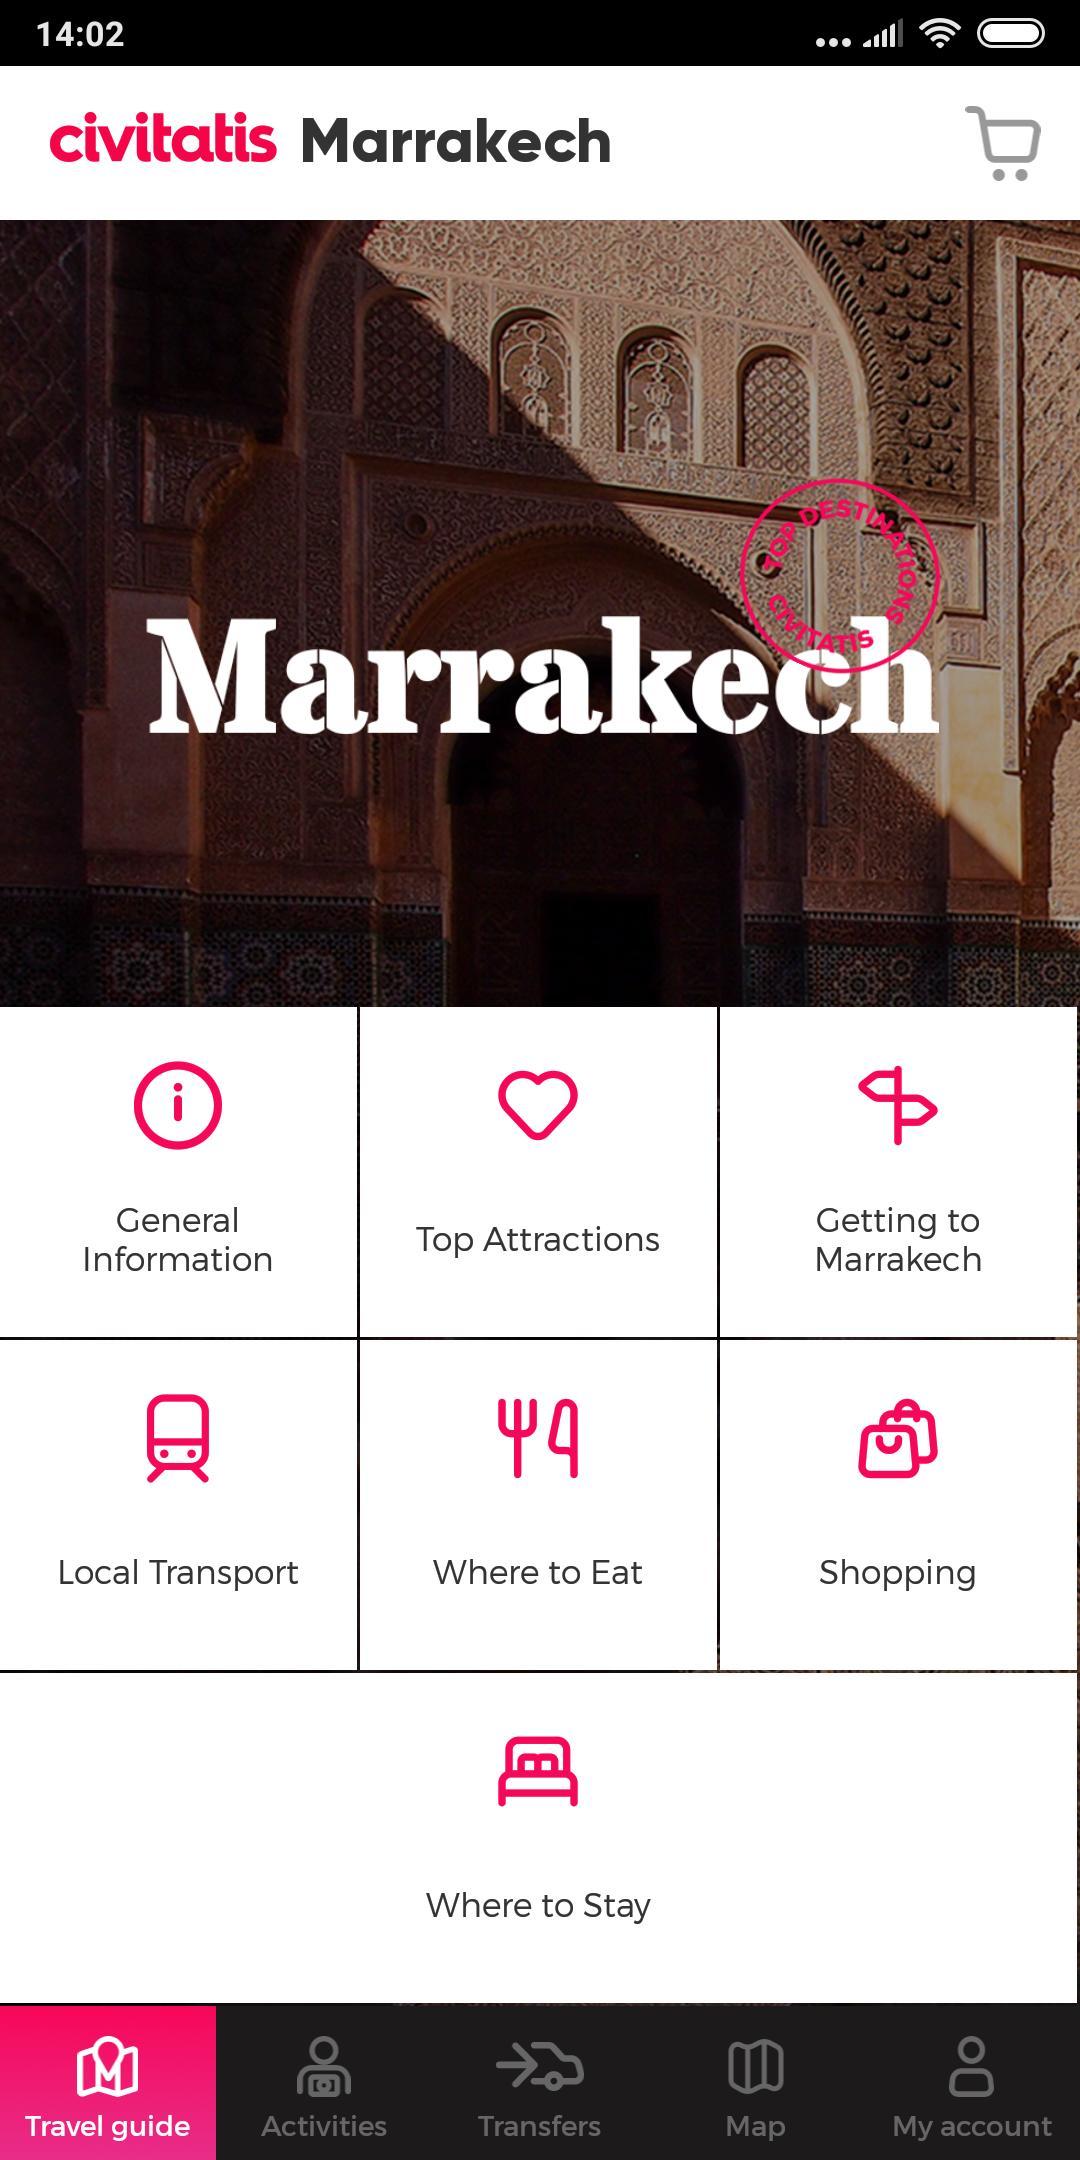 Marrakech Guide by Civitatis screenshot 2